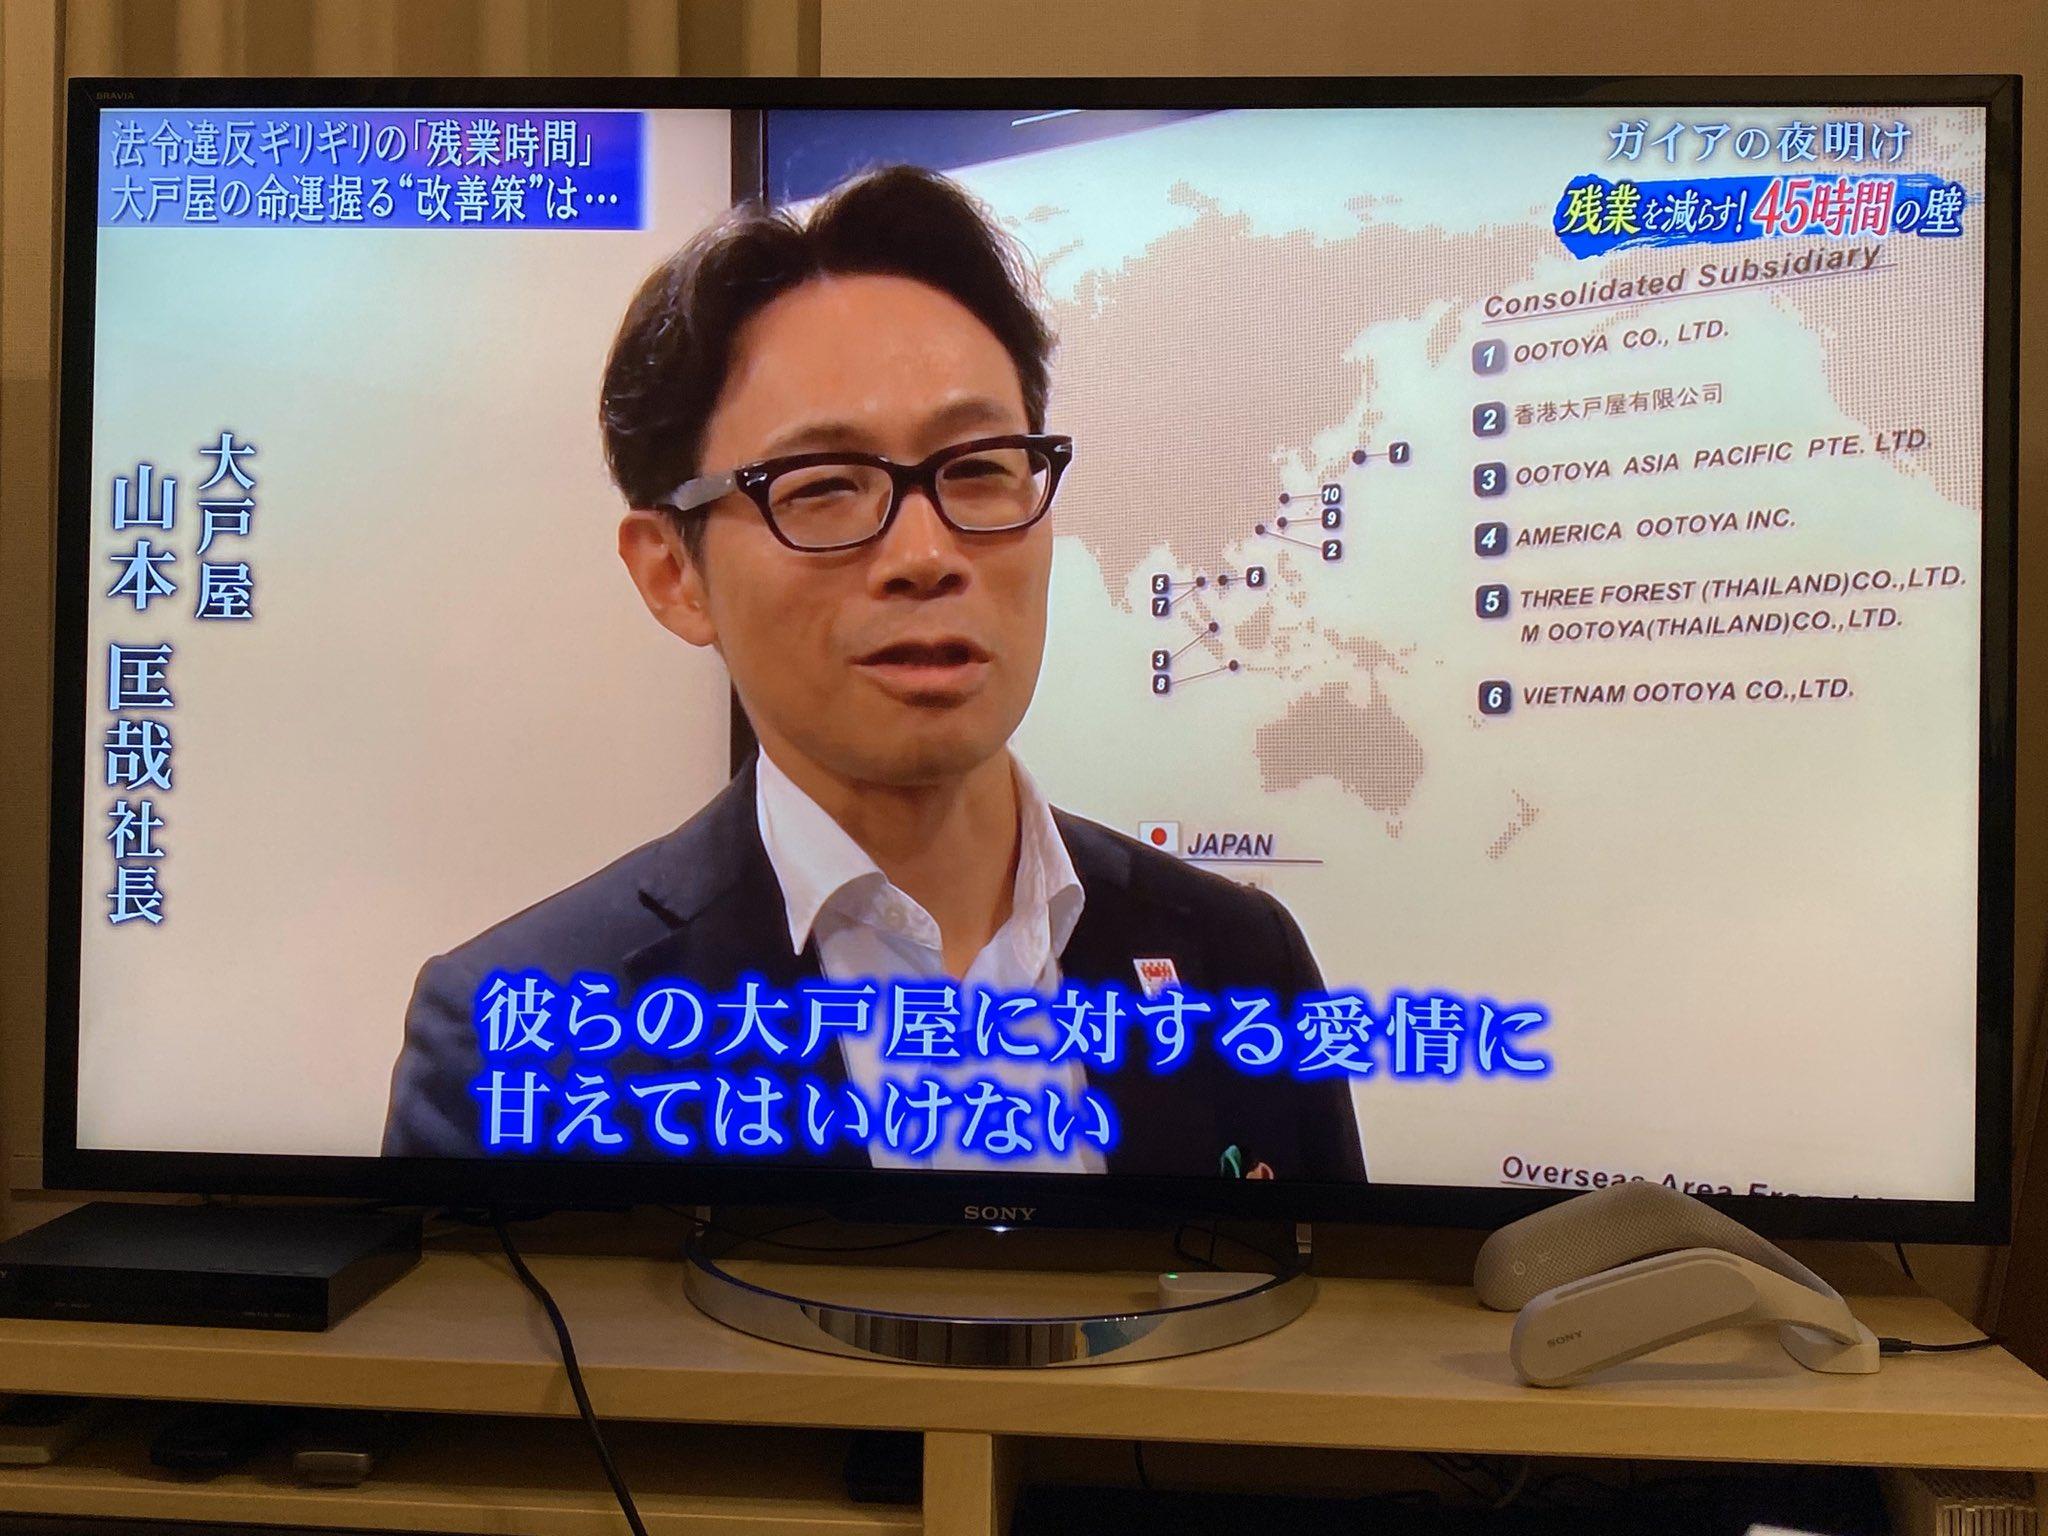 夜明け 動画 大 戸屋 の ガイア